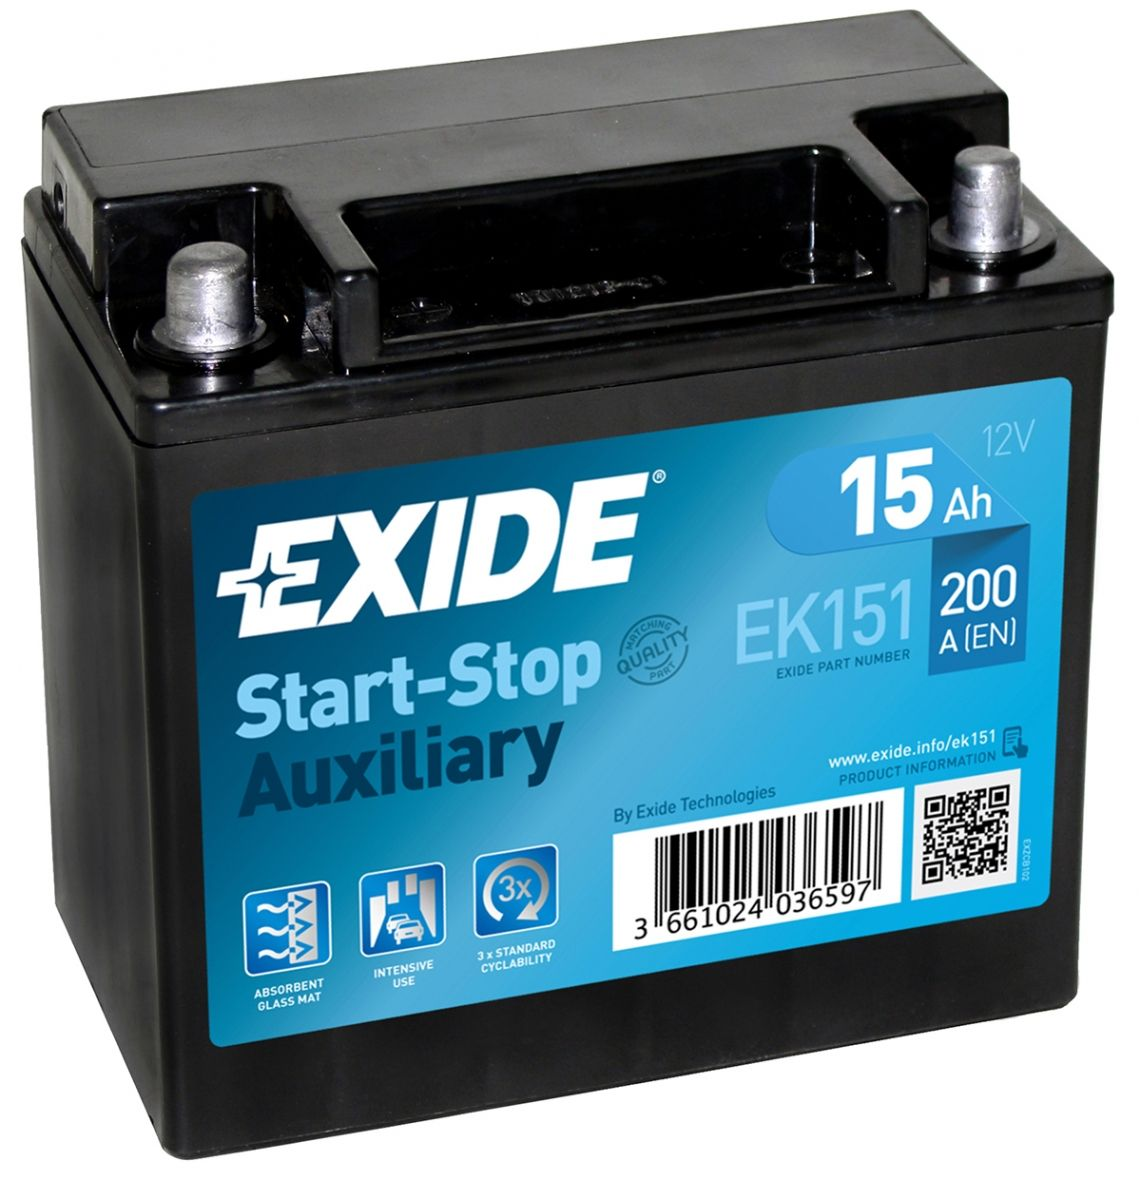 Exide Car Battery >> Exide Ek151 Agm Car Battery